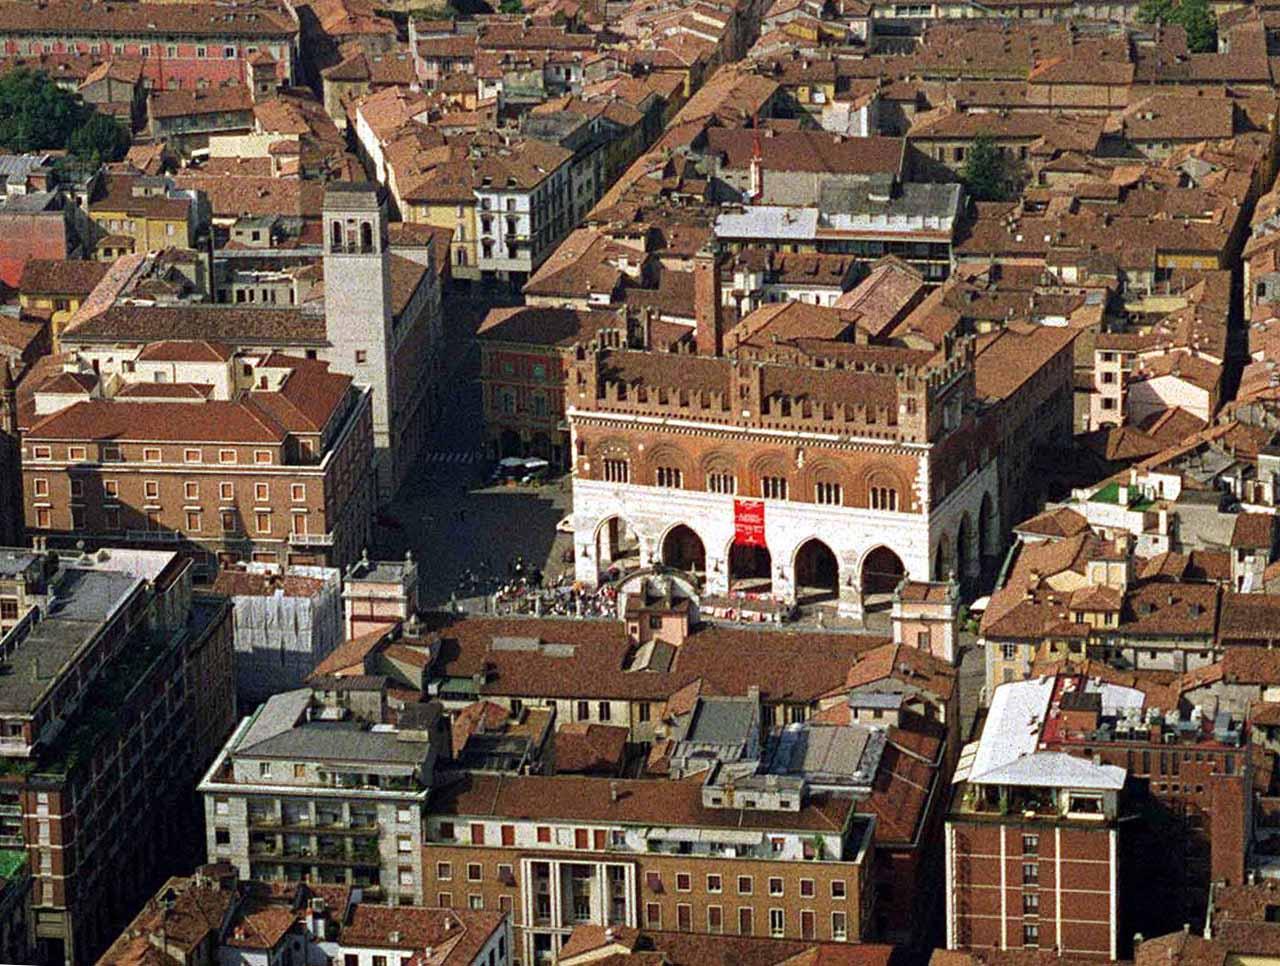 Vista dall'alto della città di Piacenza